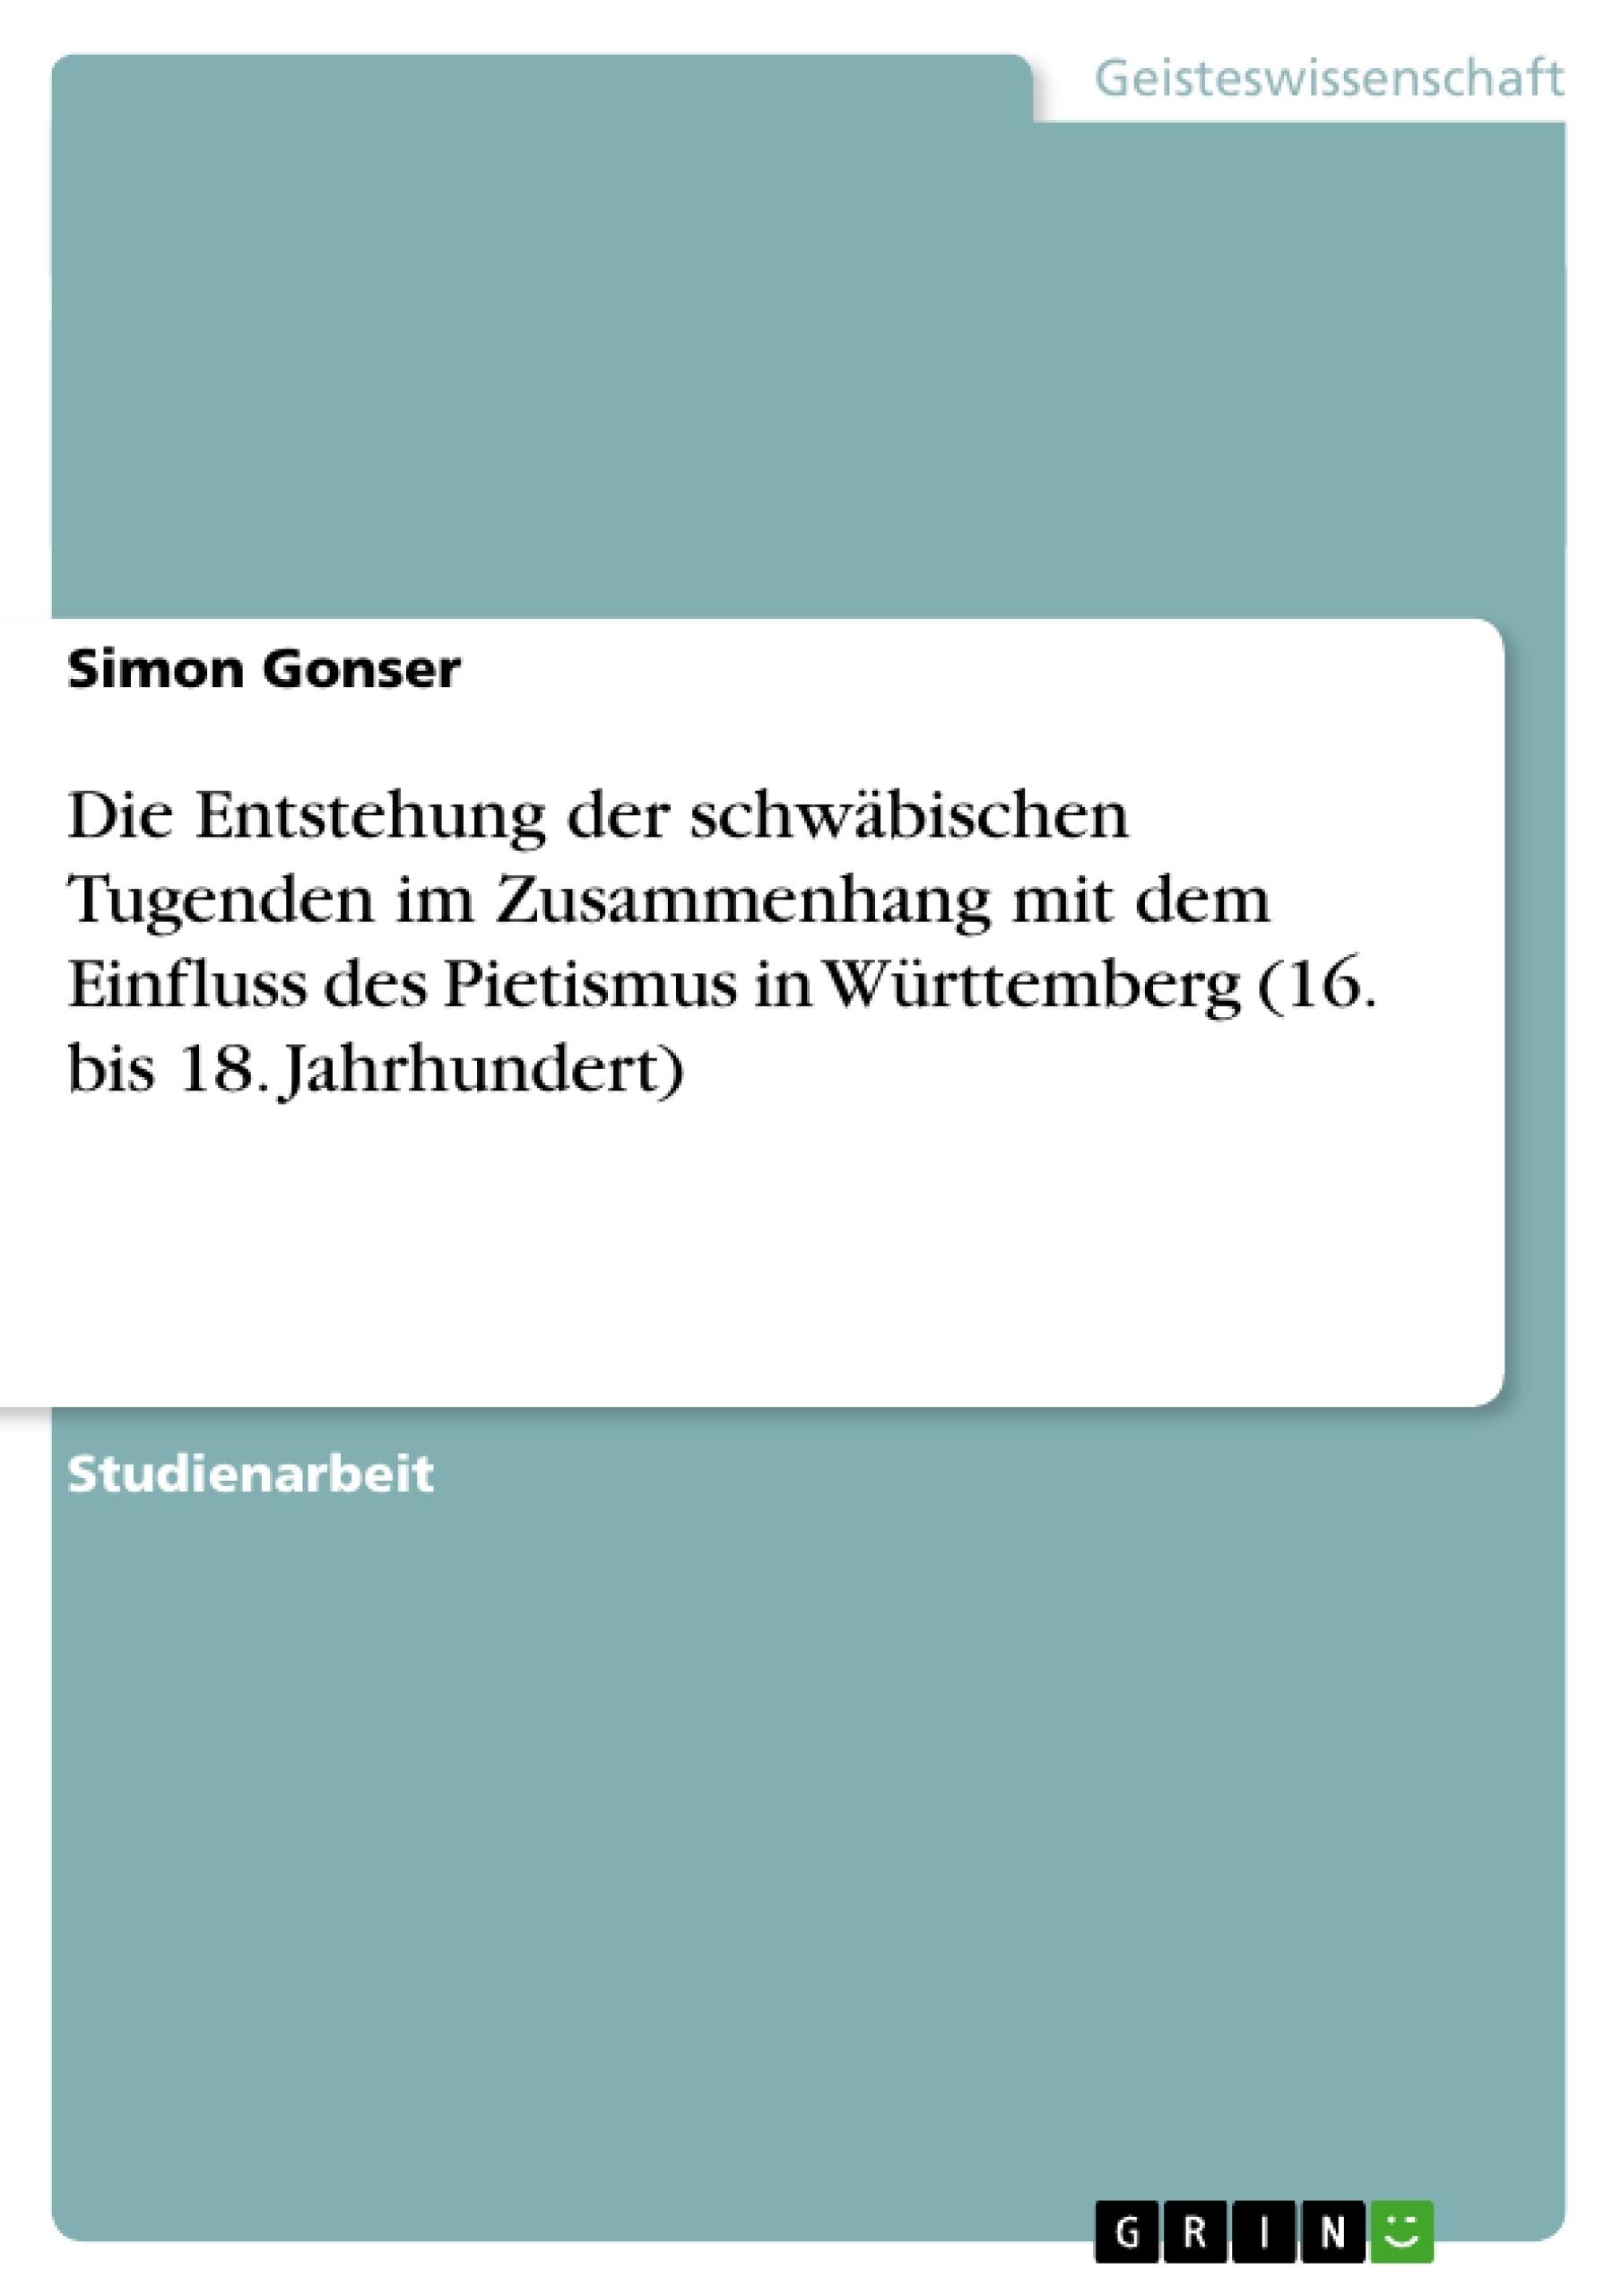 Titel: Die Entstehung der schwäbischen Tugenden im Zusammenhang mit dem Einfluss des Pietismus in Württemberg (16. bis 18. Jahrhundert)